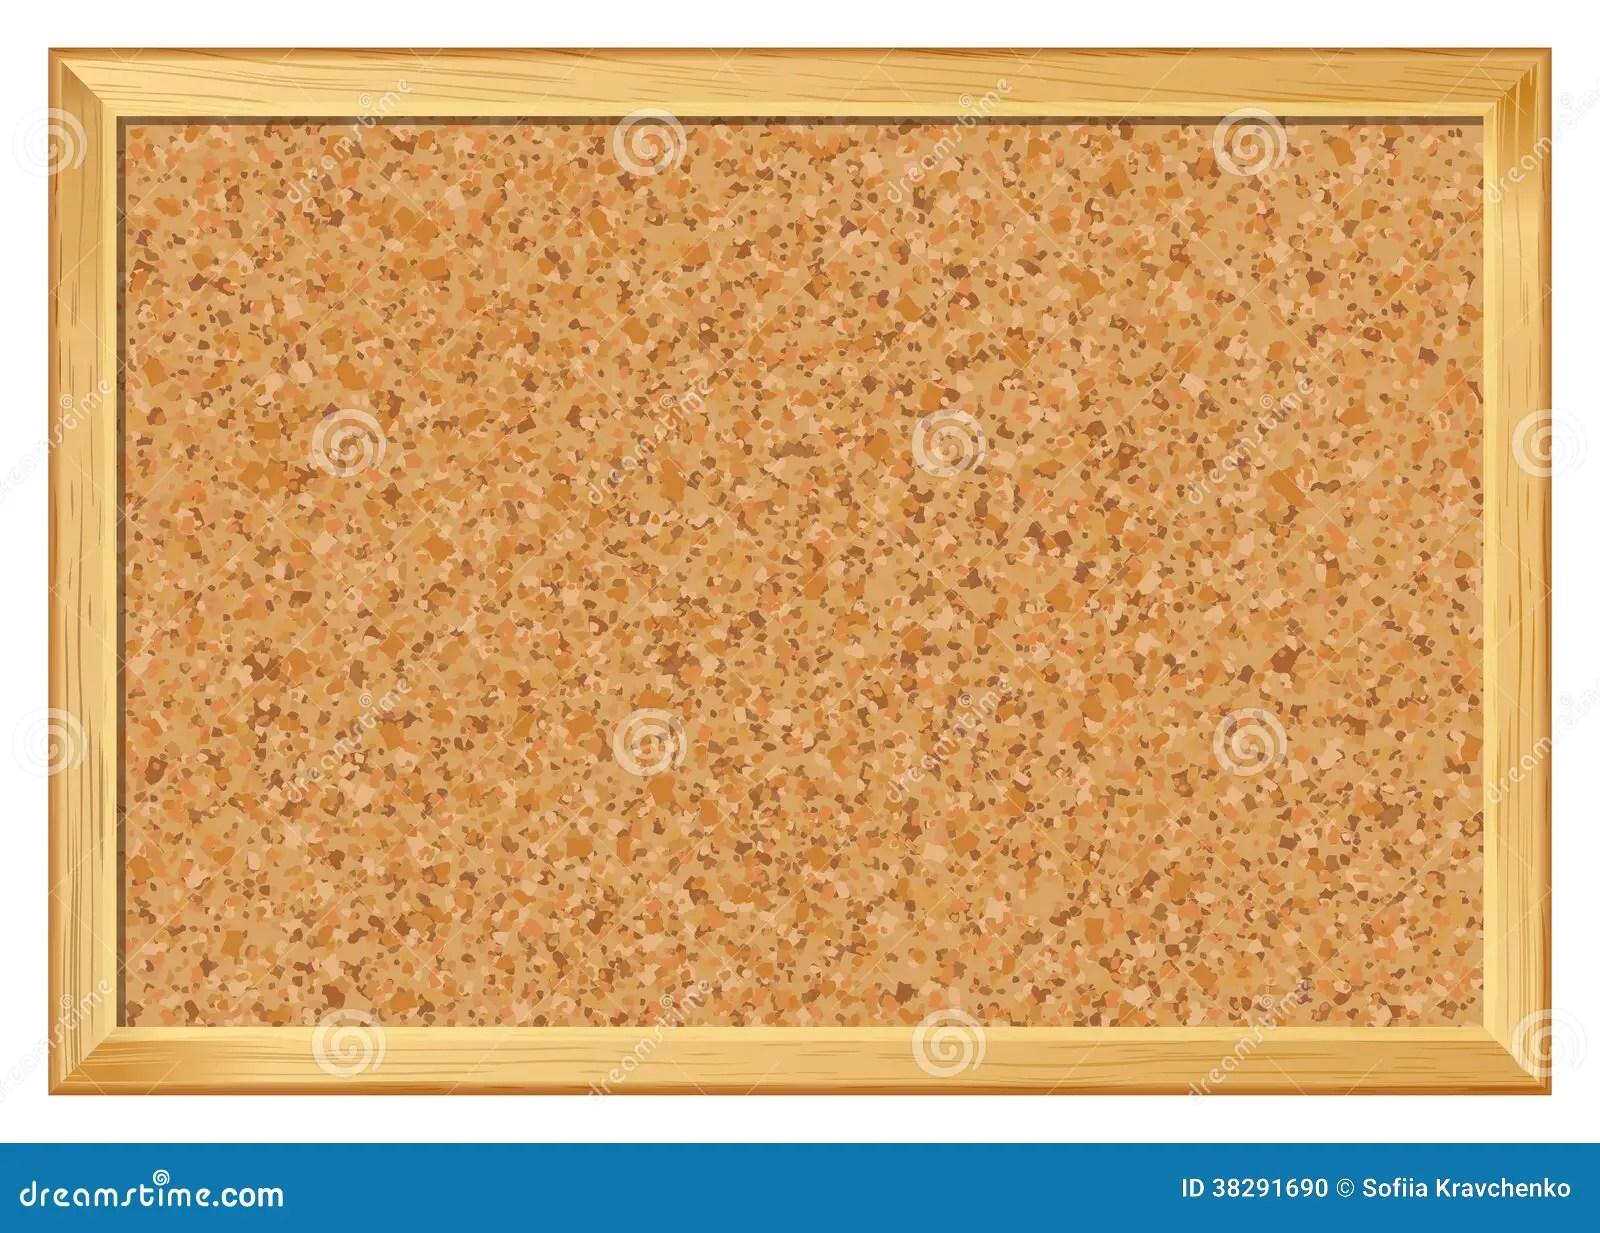 hight resolution of bulletin board